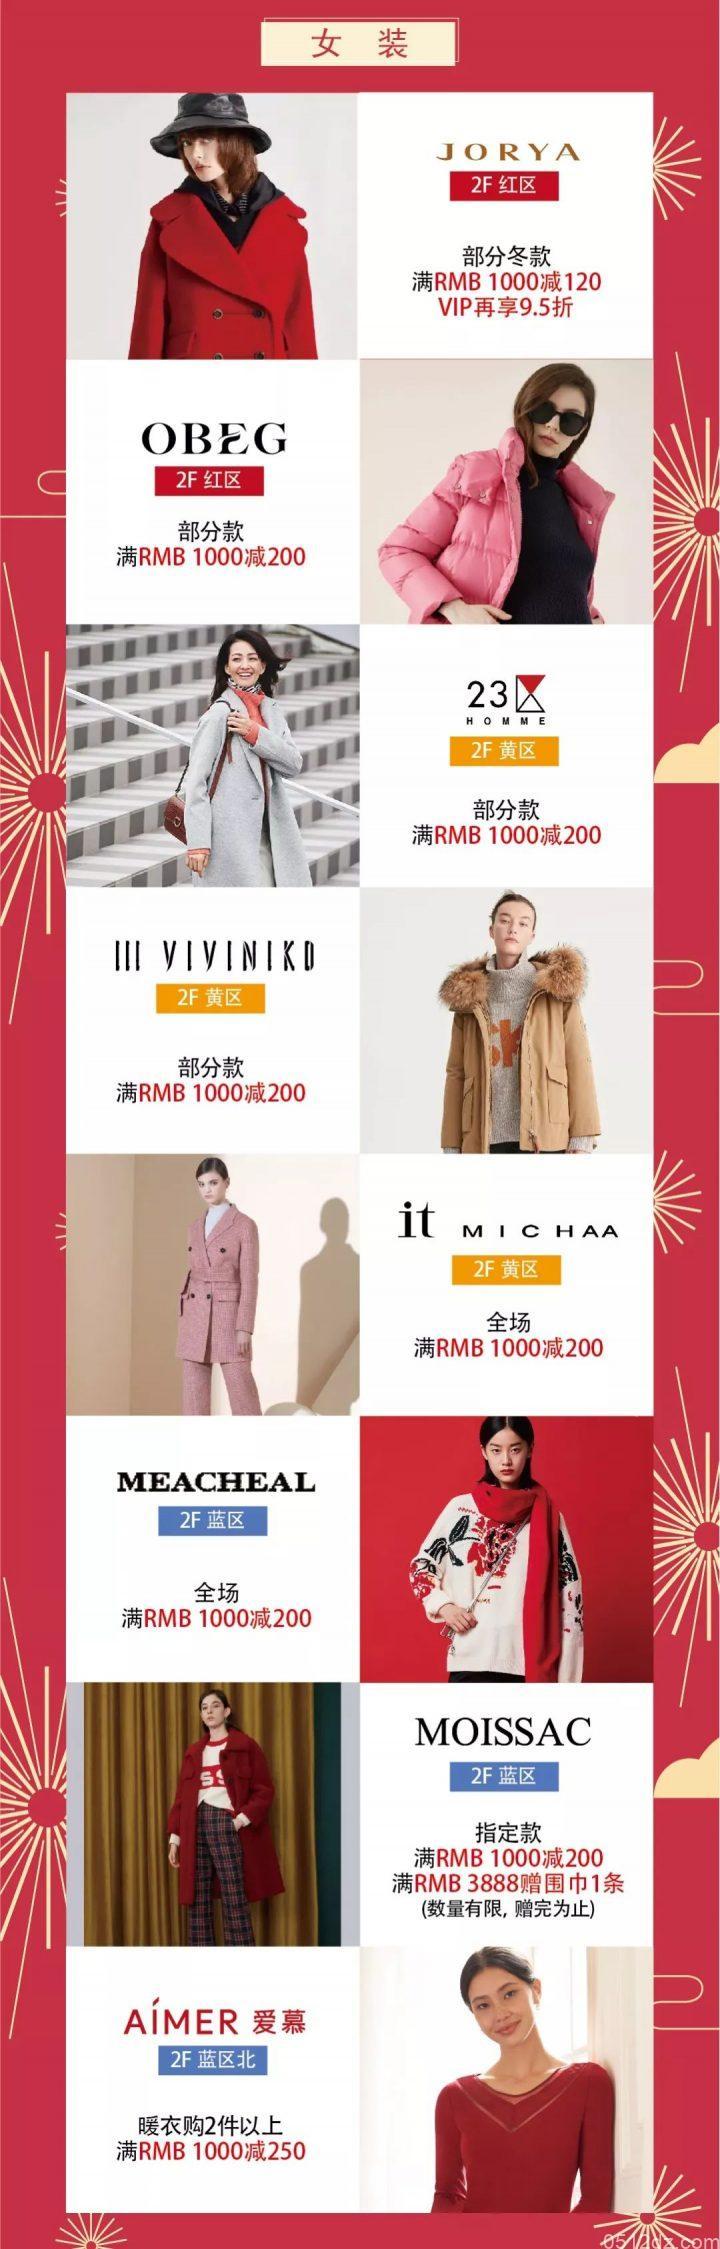 苏州久光百货年末狂欢超多精彩优惠活动